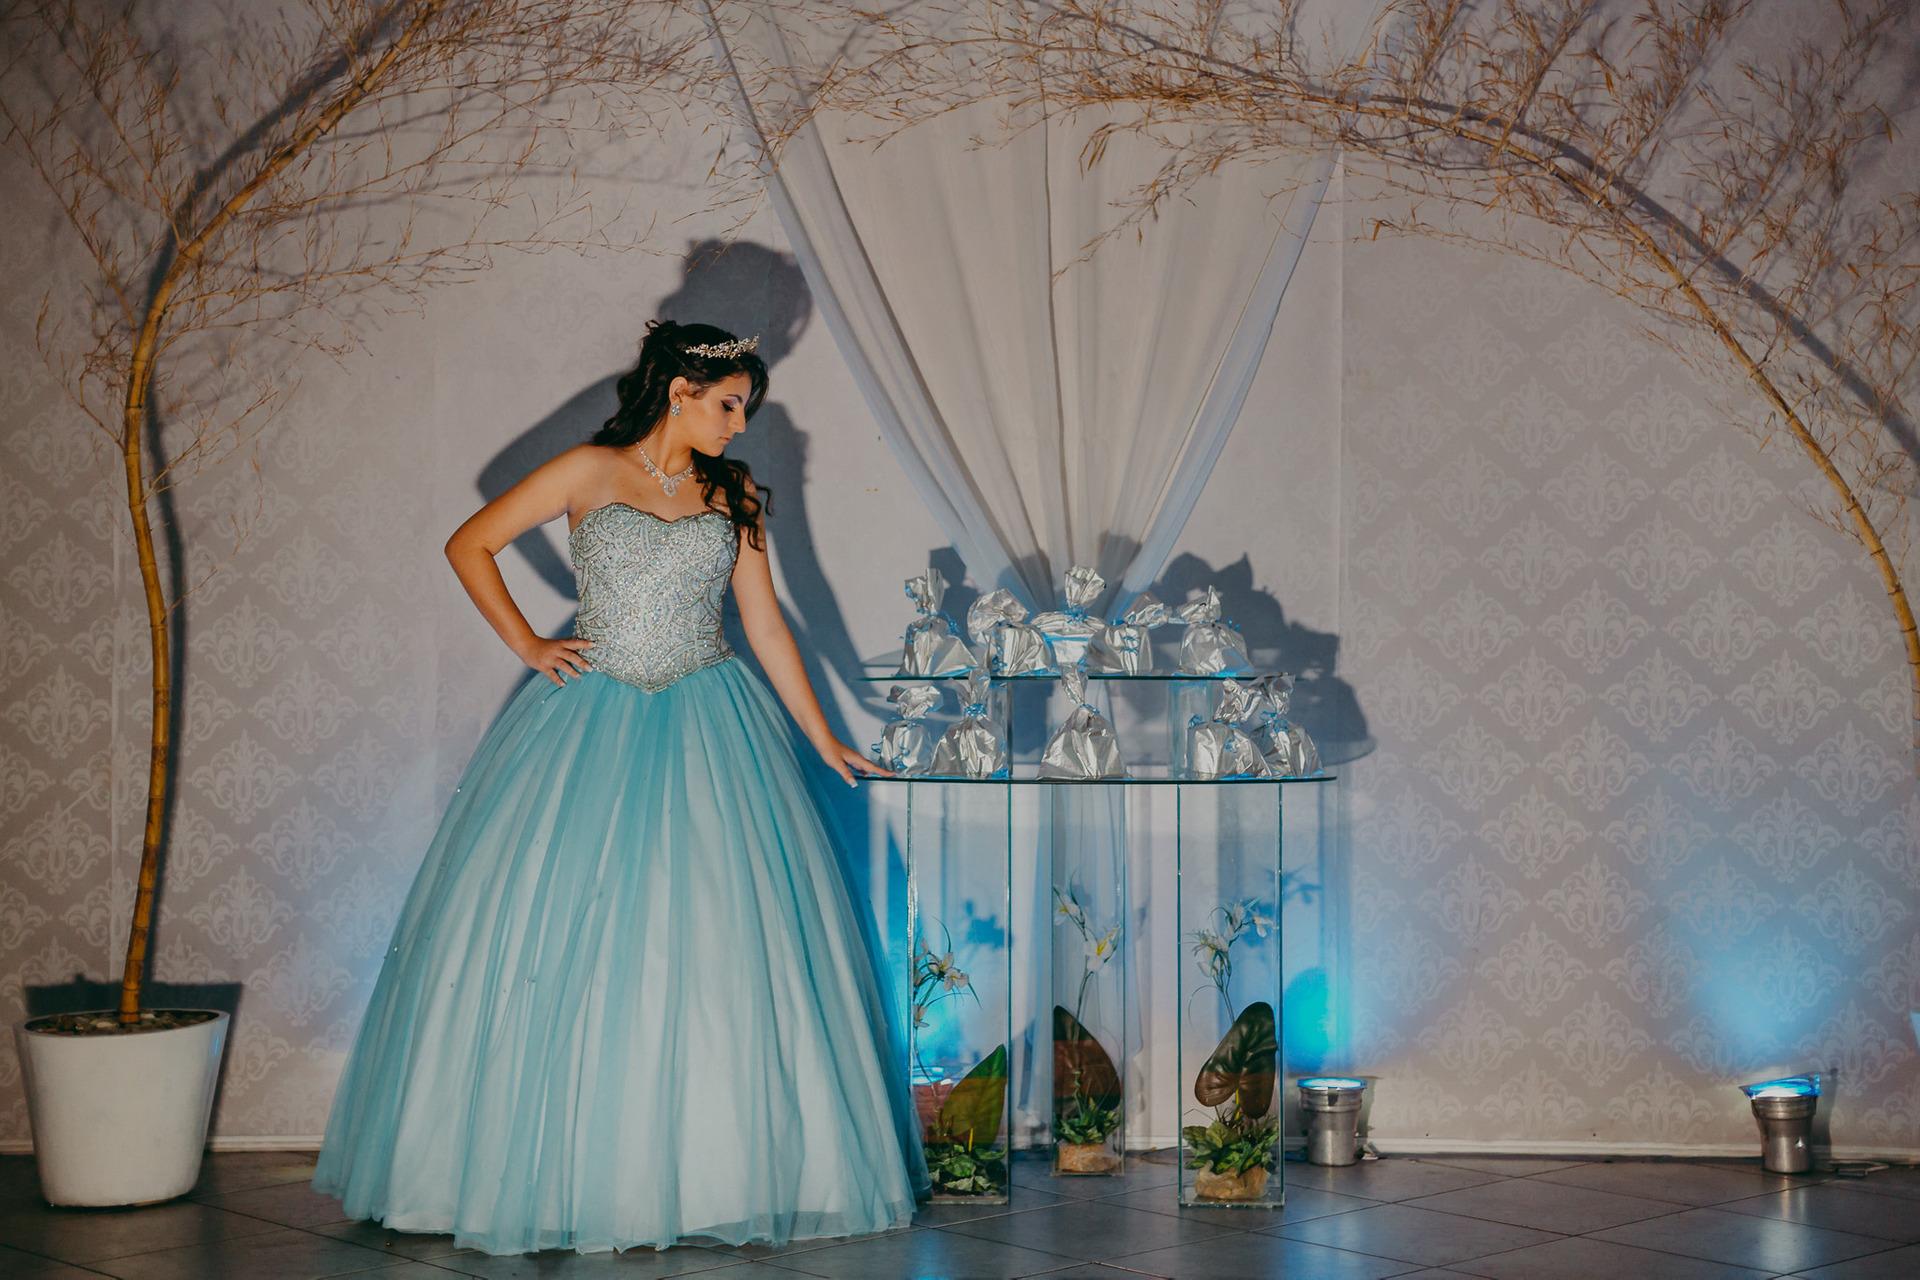 Fotografia de debutante com luz bem marcada em que olha para mesa de lembrancinhas numa pose elegante e com vestido azul fotos de 15 anos na SVM Festas  em Piedade no Rio de Janeiro